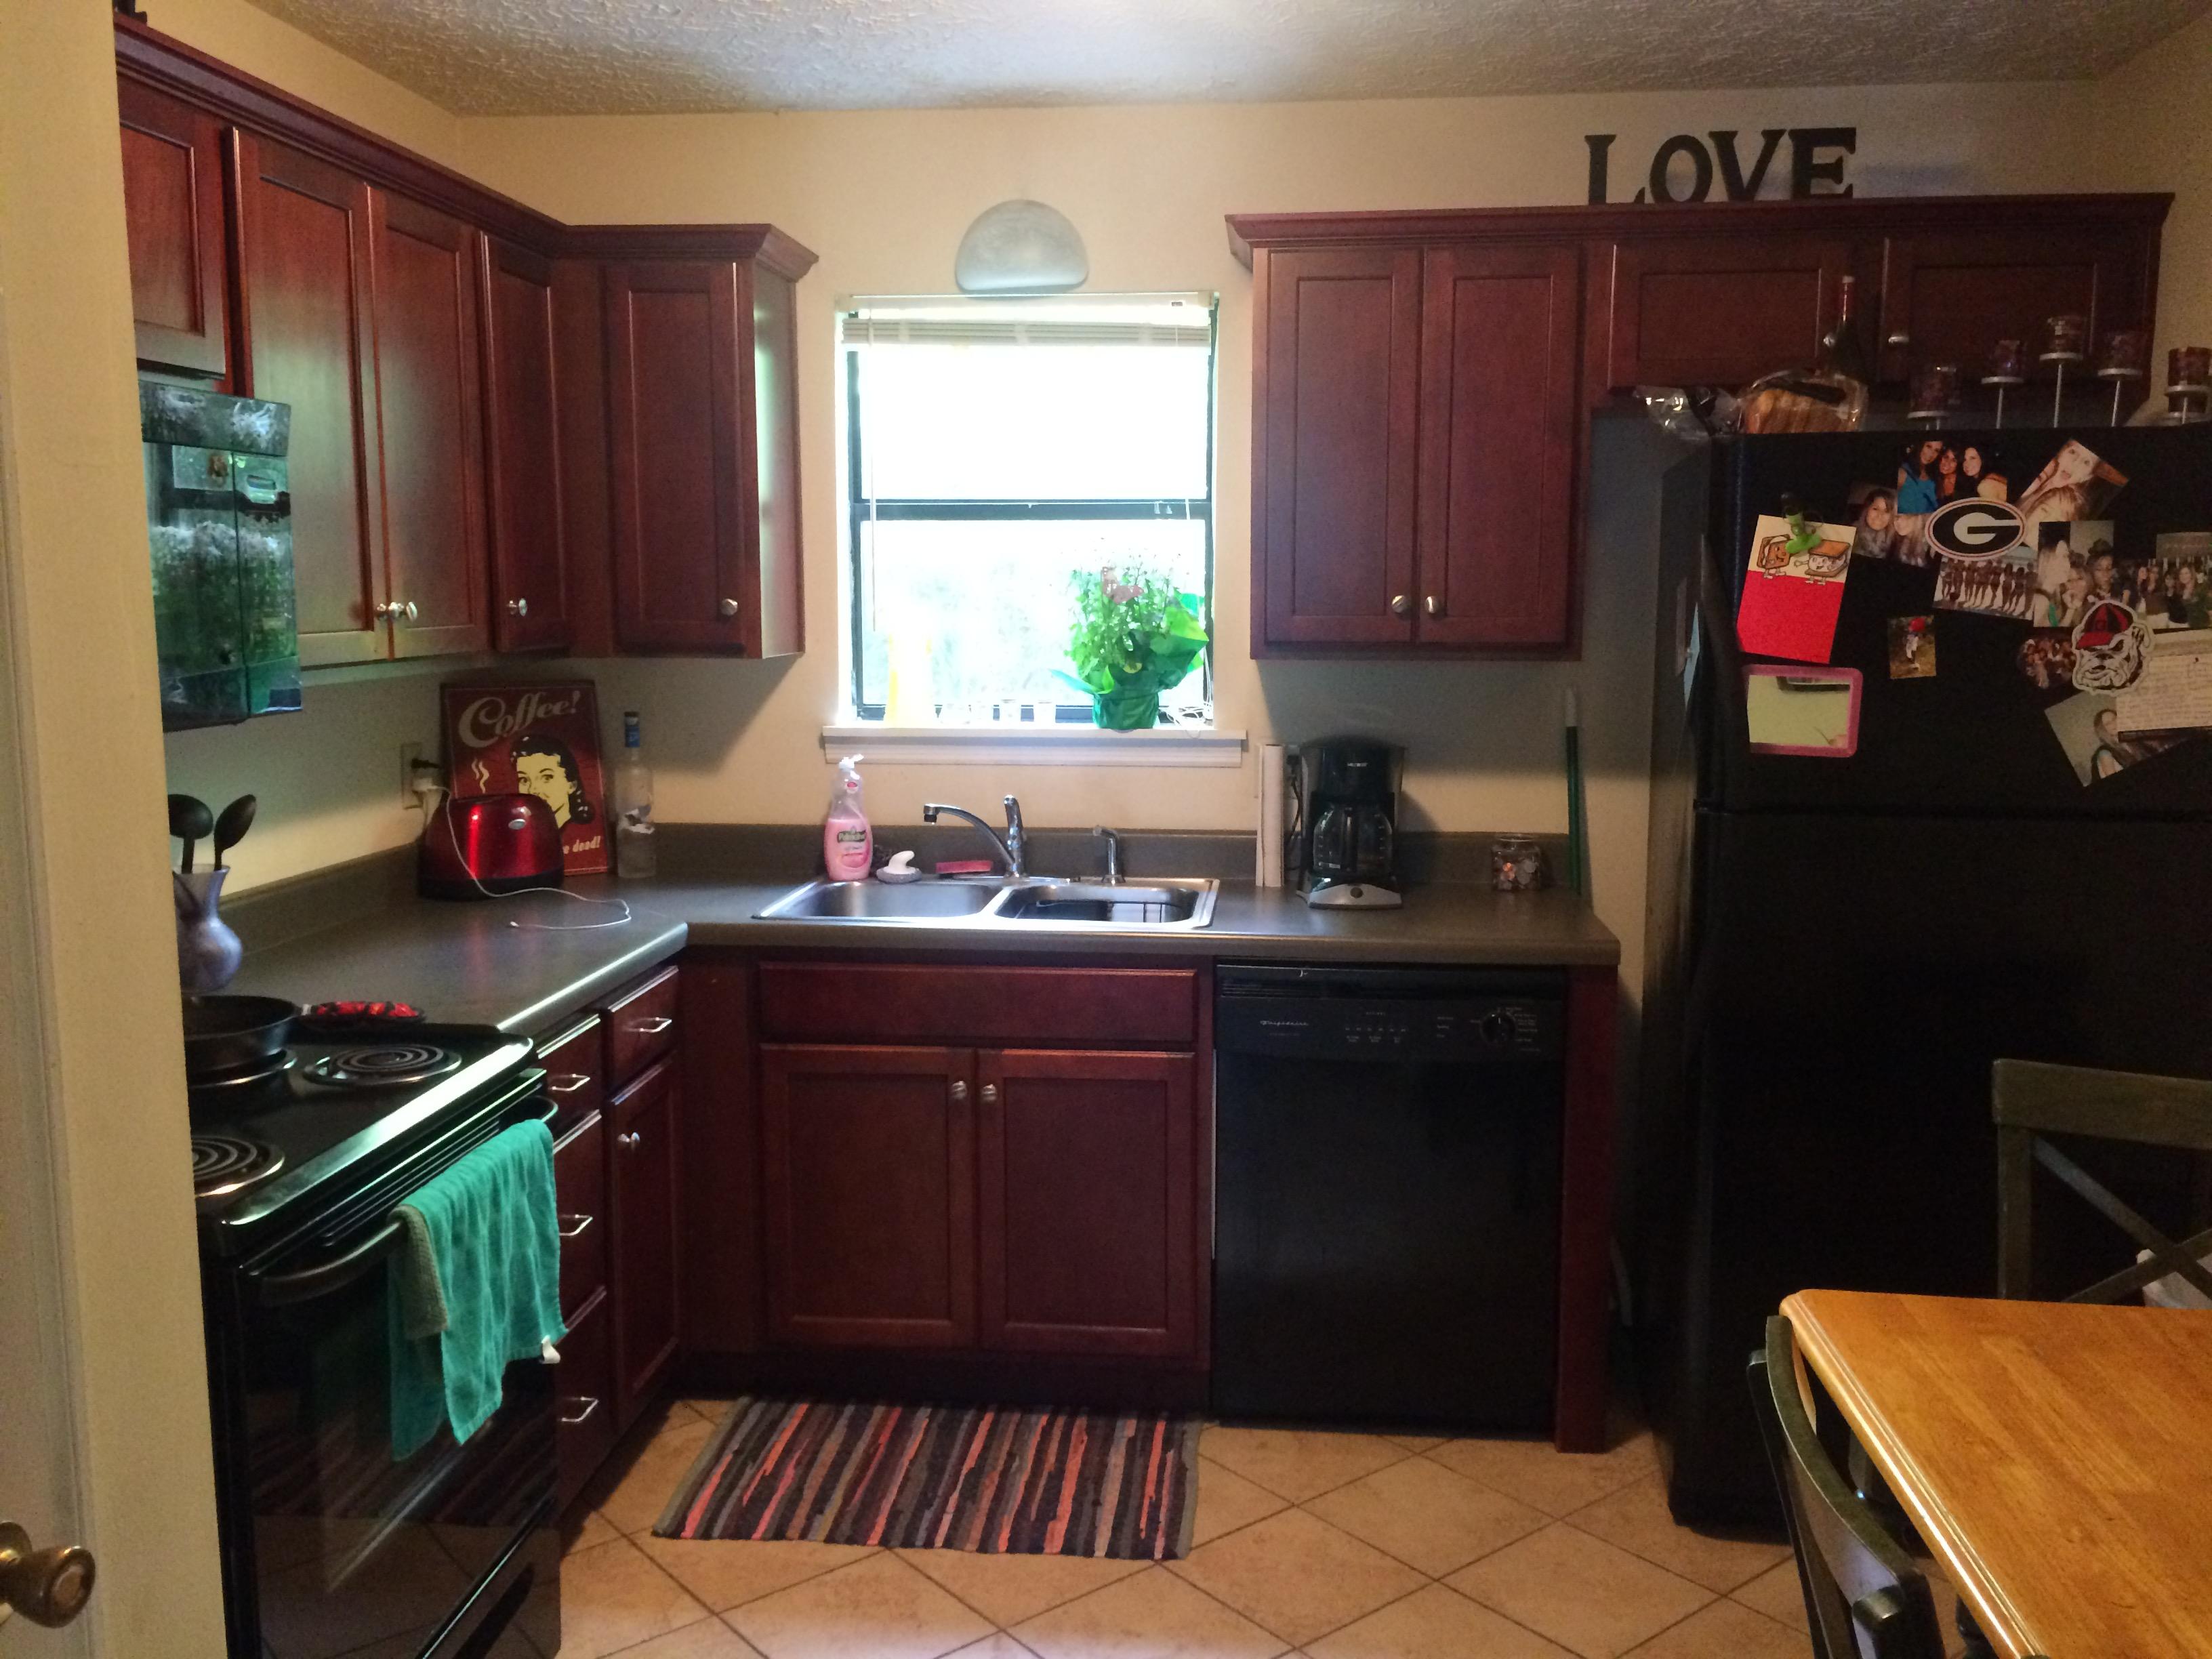 . China Street Apartments 249 China Street  Athens  GA  30605   uCribs